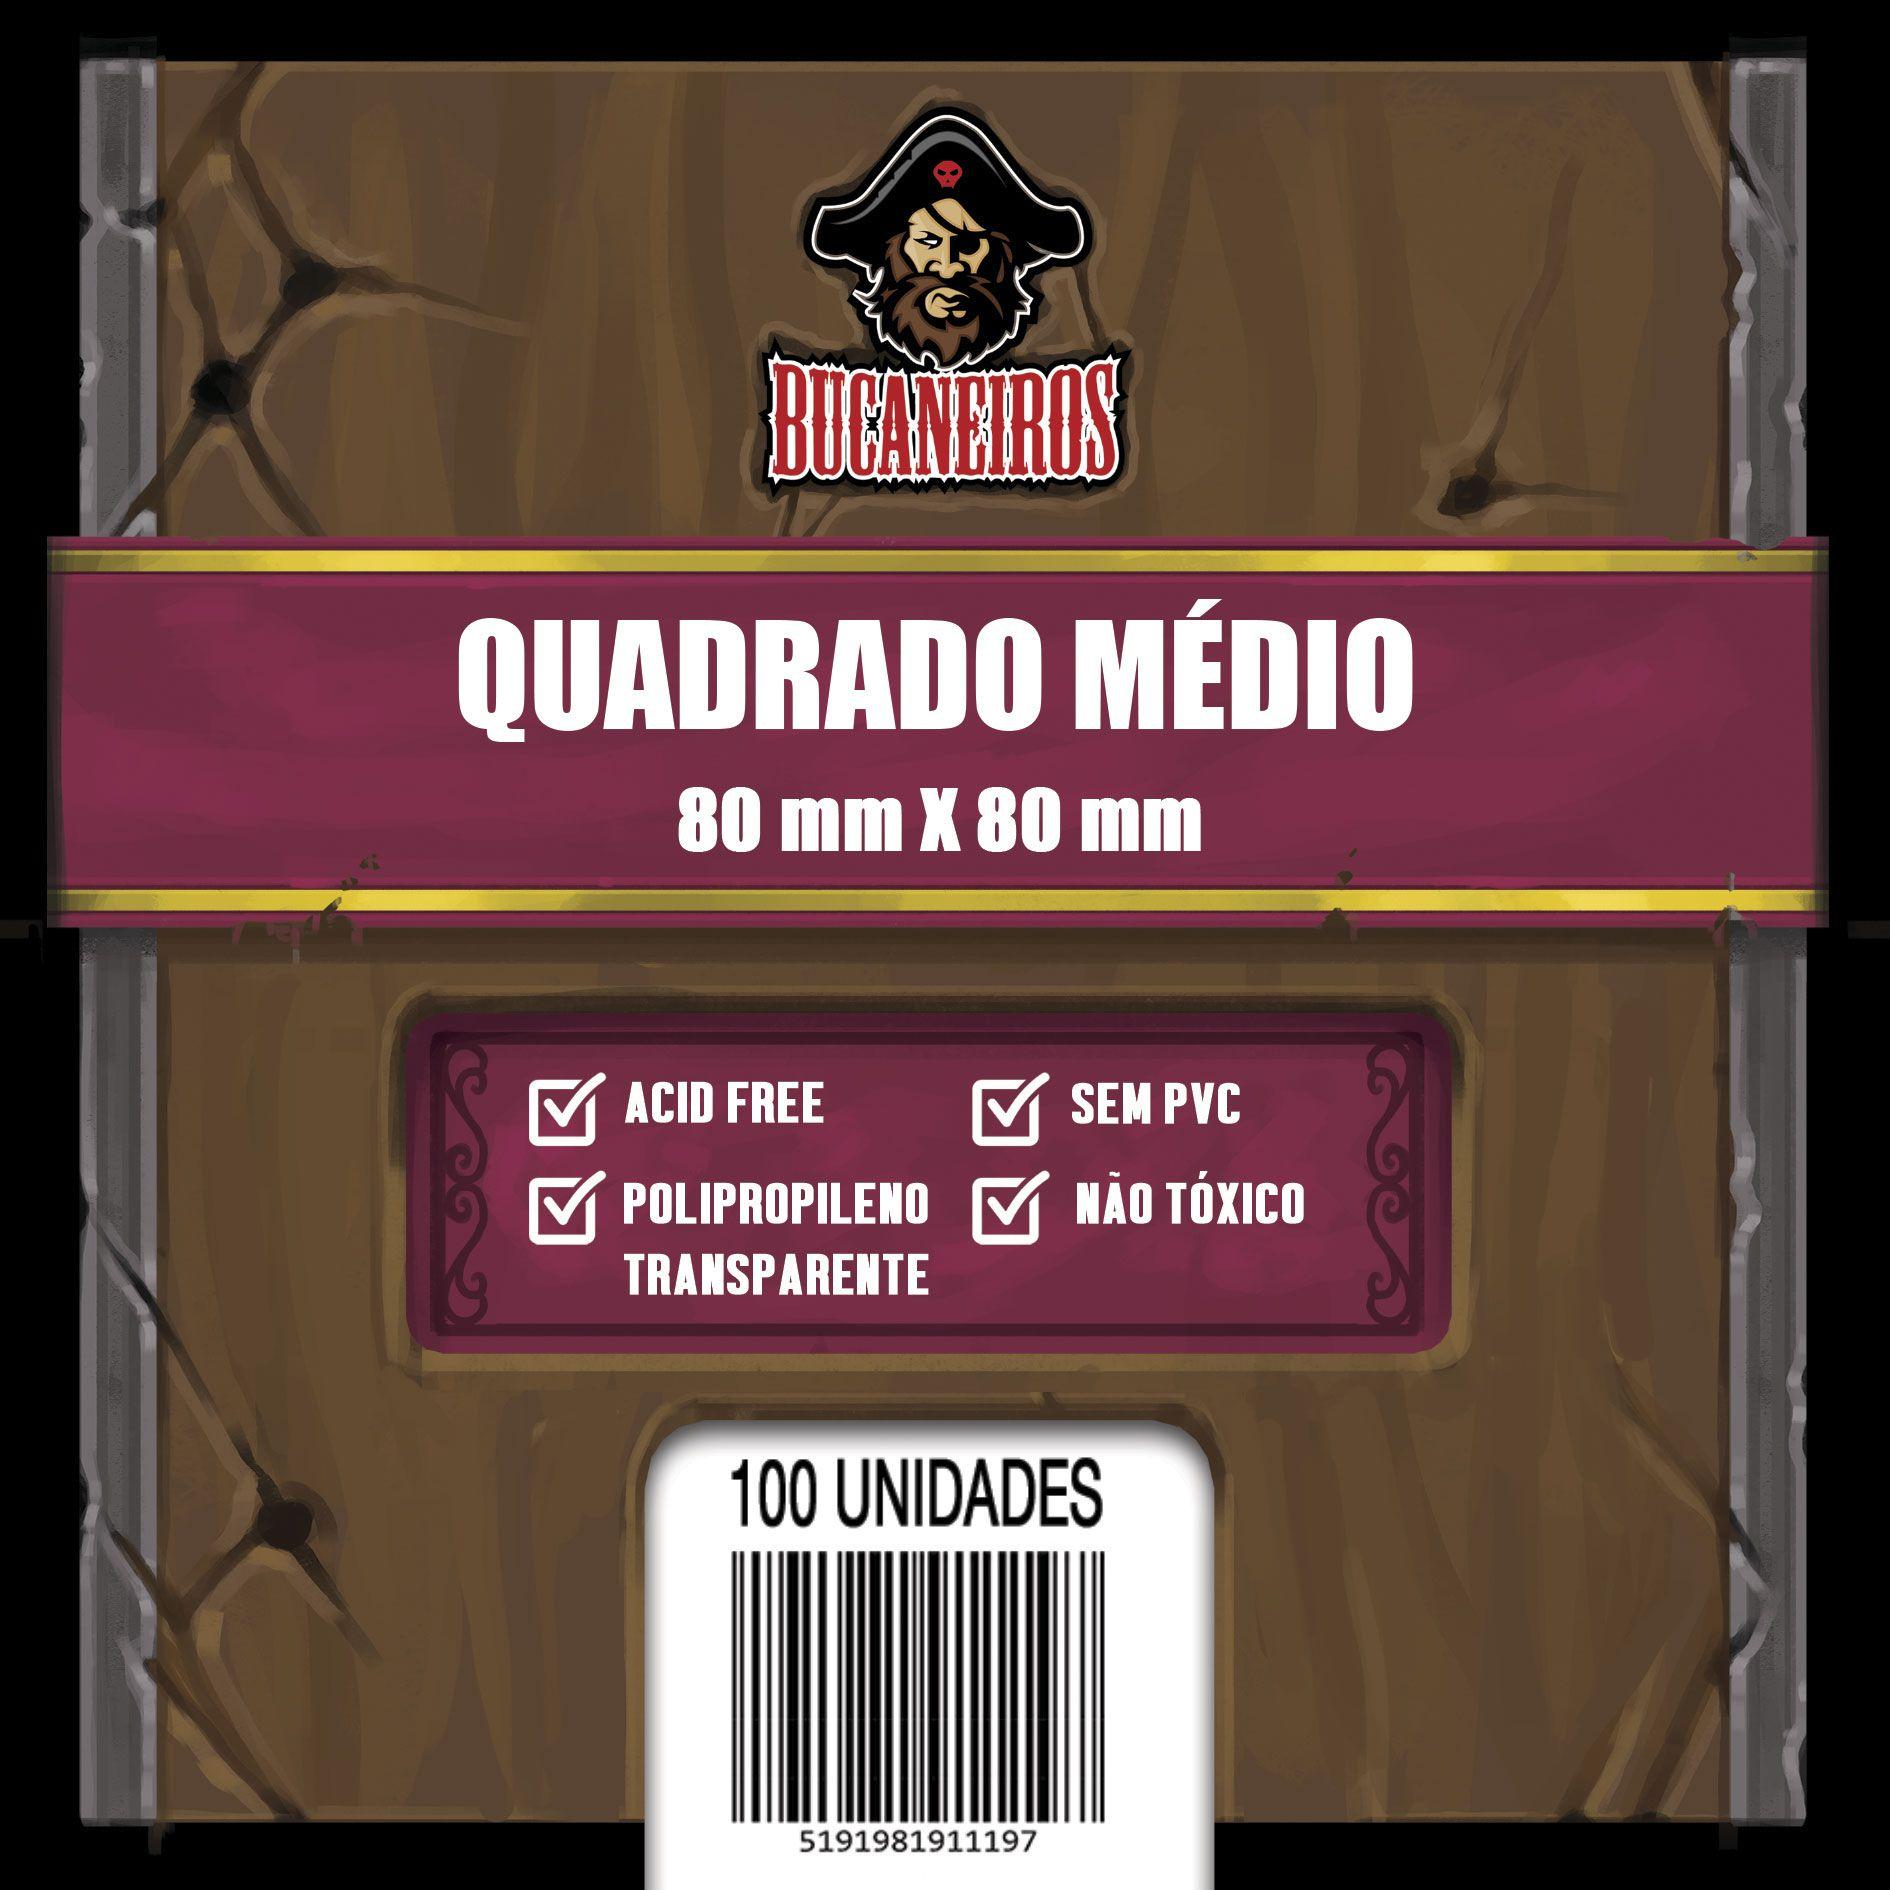 Sleeve Quadrado Médio - (80x80) - Bucaneiros